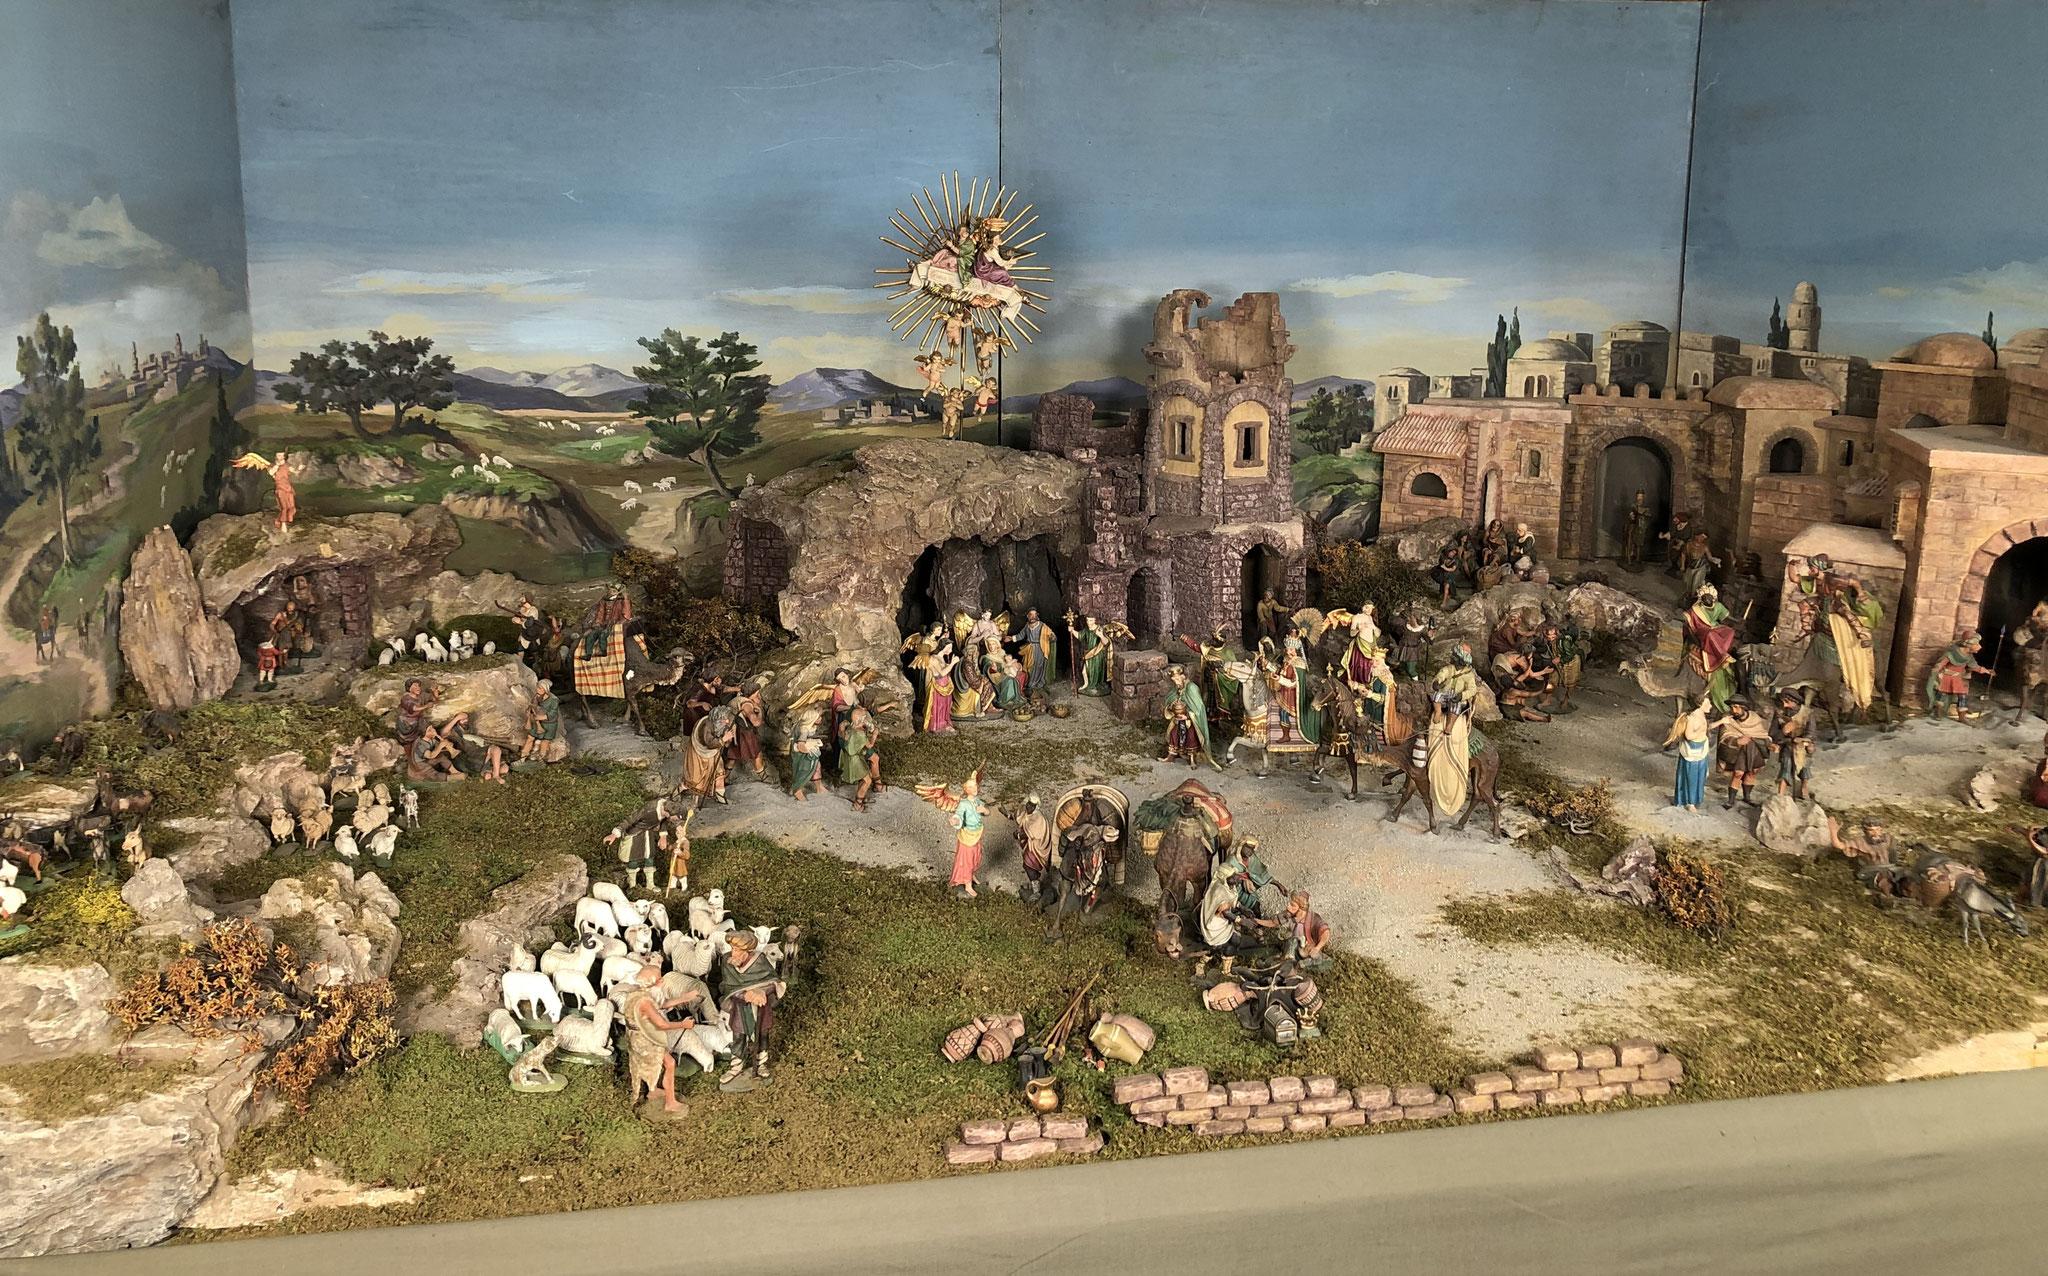 Orientalische Krippe - Schärmerkrippe - Figuren Alexander Öfner - Xander, Johann Kleissner - Plätz und Johann Leimgruber; um 1900, Heimatmuseum Zirl